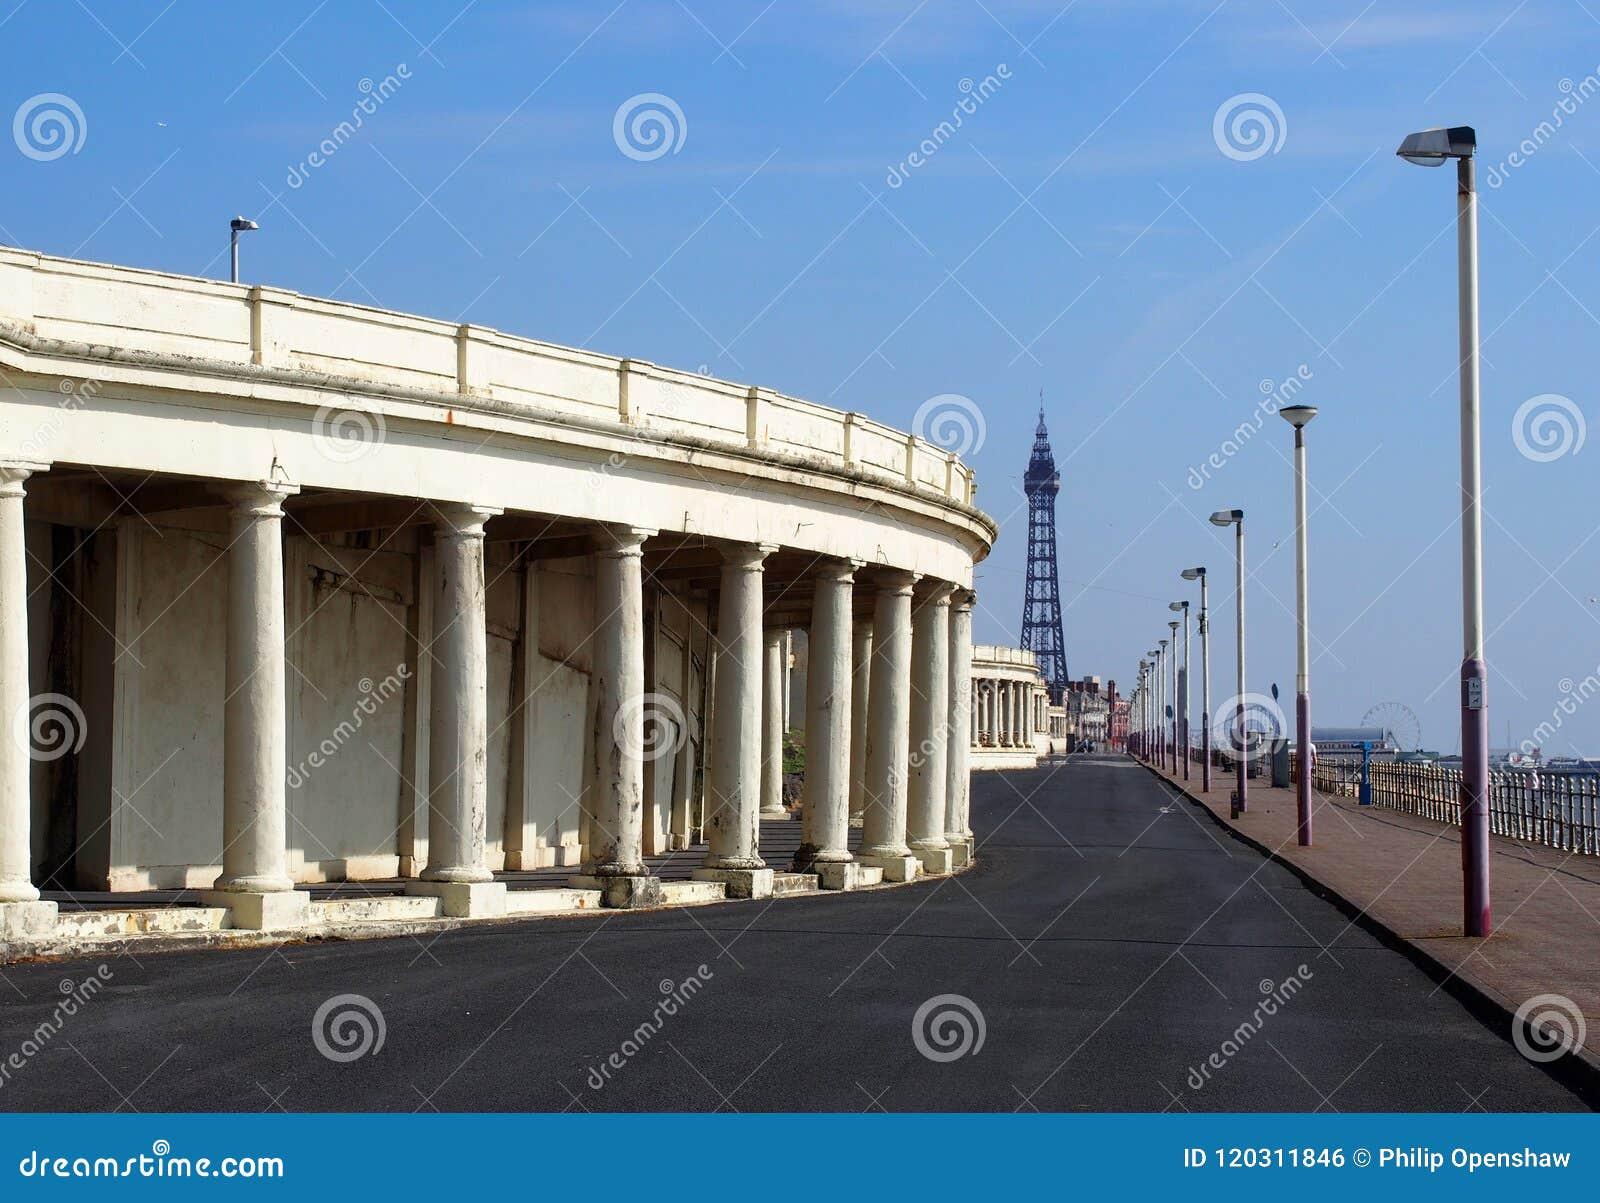 Weergeven langs de promenade in Blackpool die de voetgang met oude strandboulevardschuilplaatsen tonen die naar het genoegenstran